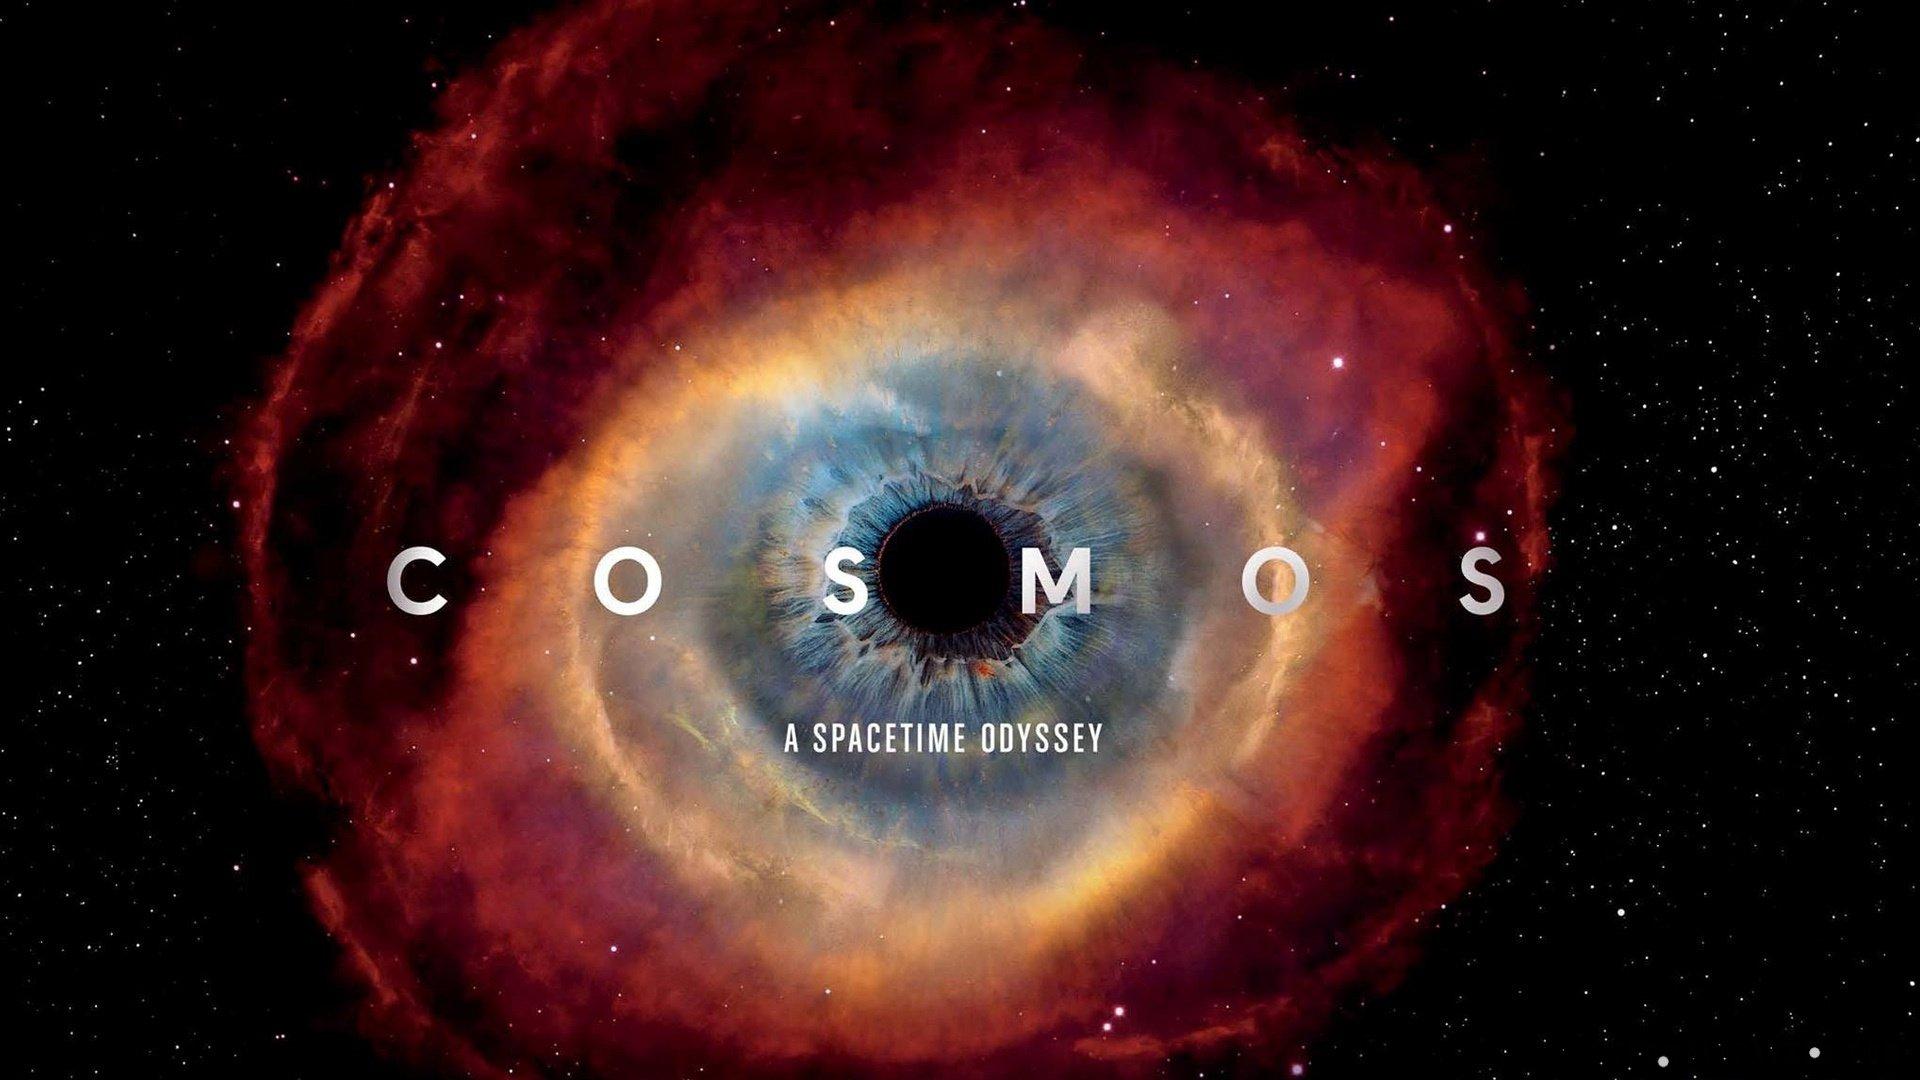 cosmos_eye_stars_supernova_1920x1080